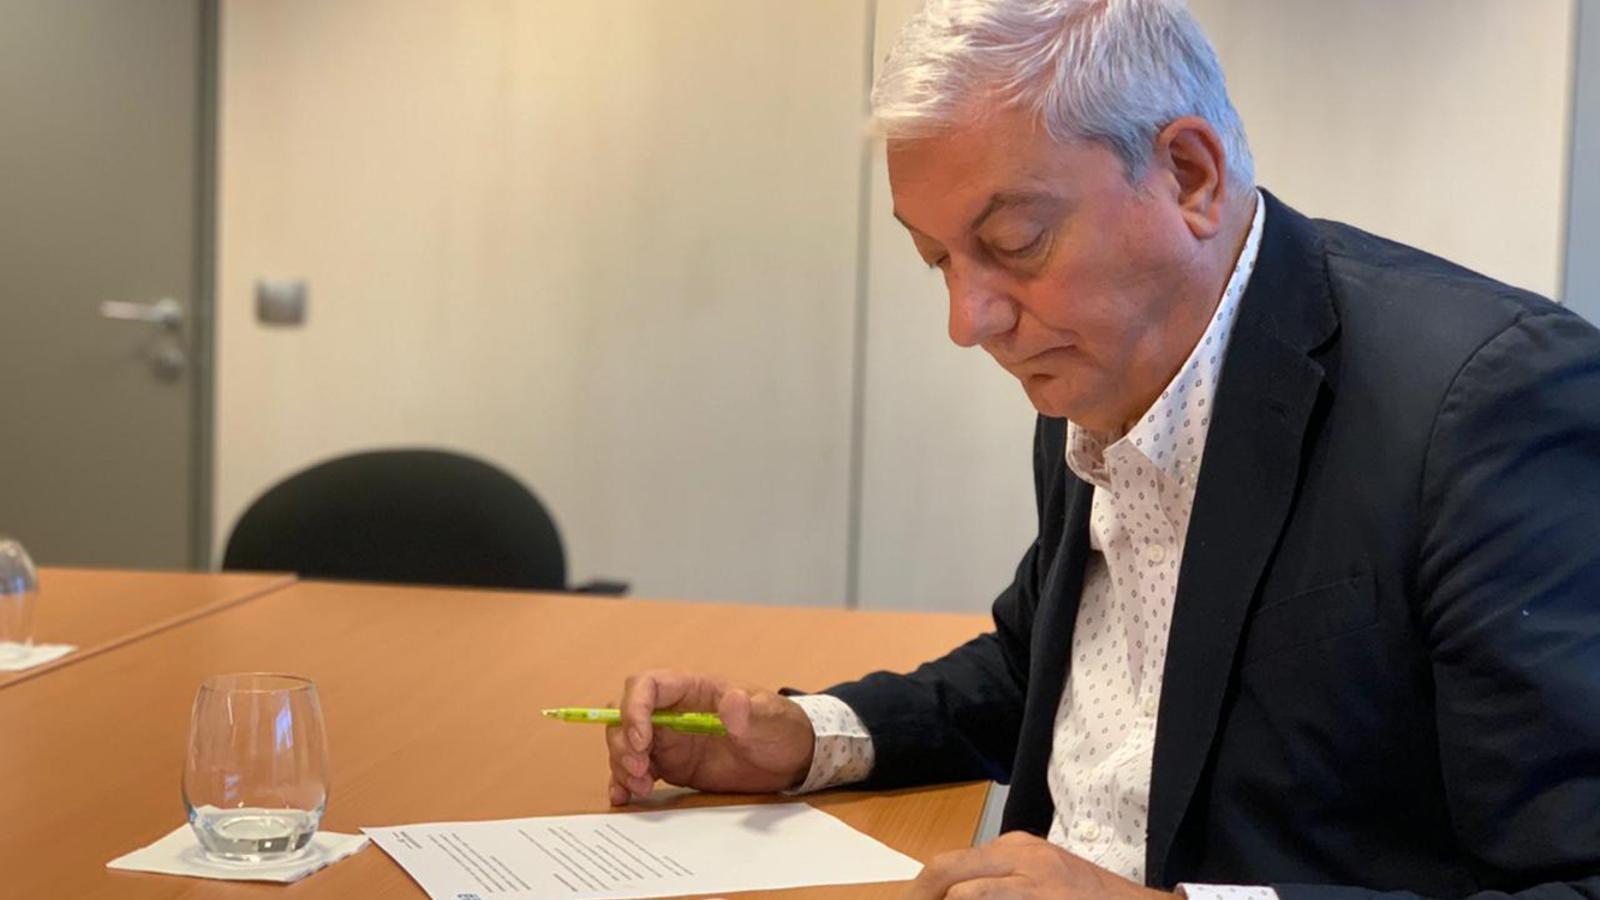 El president de la CEA, Gerard Cadena, en una imatge d'arxiu. / CEA